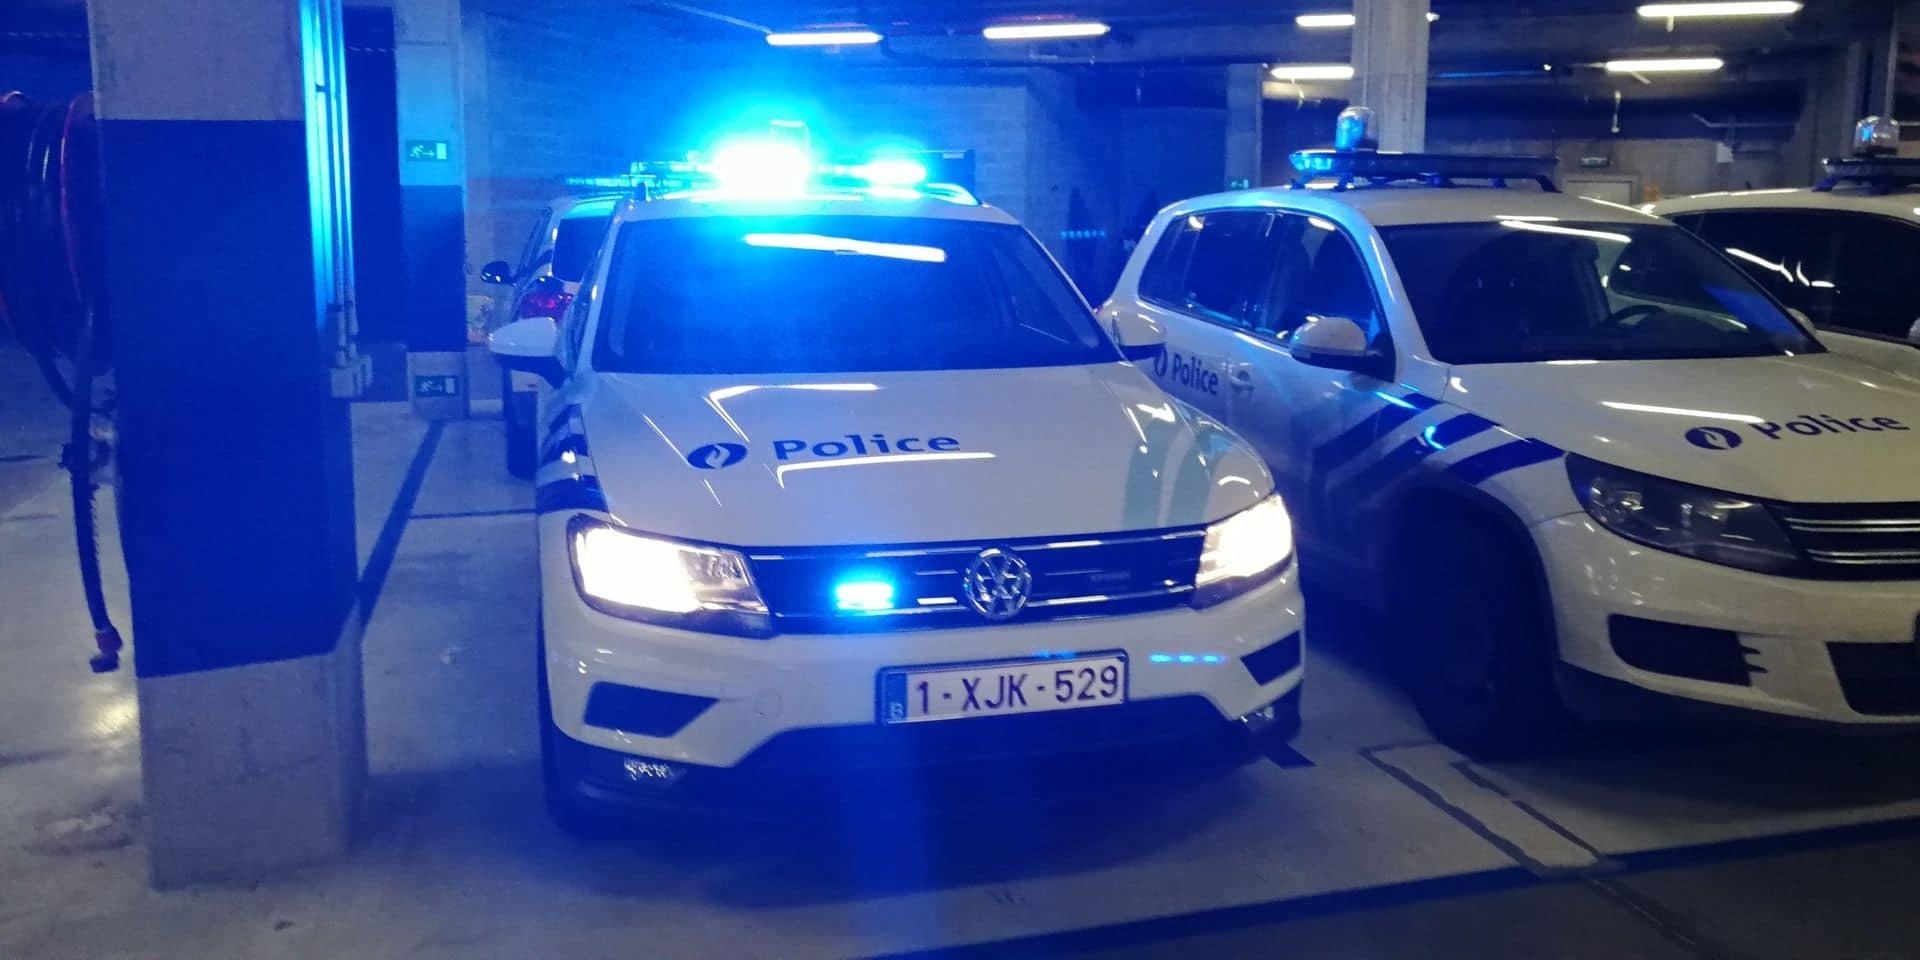 Un tiers de la flotte de la police de Charleroi sera remplacée en 2020